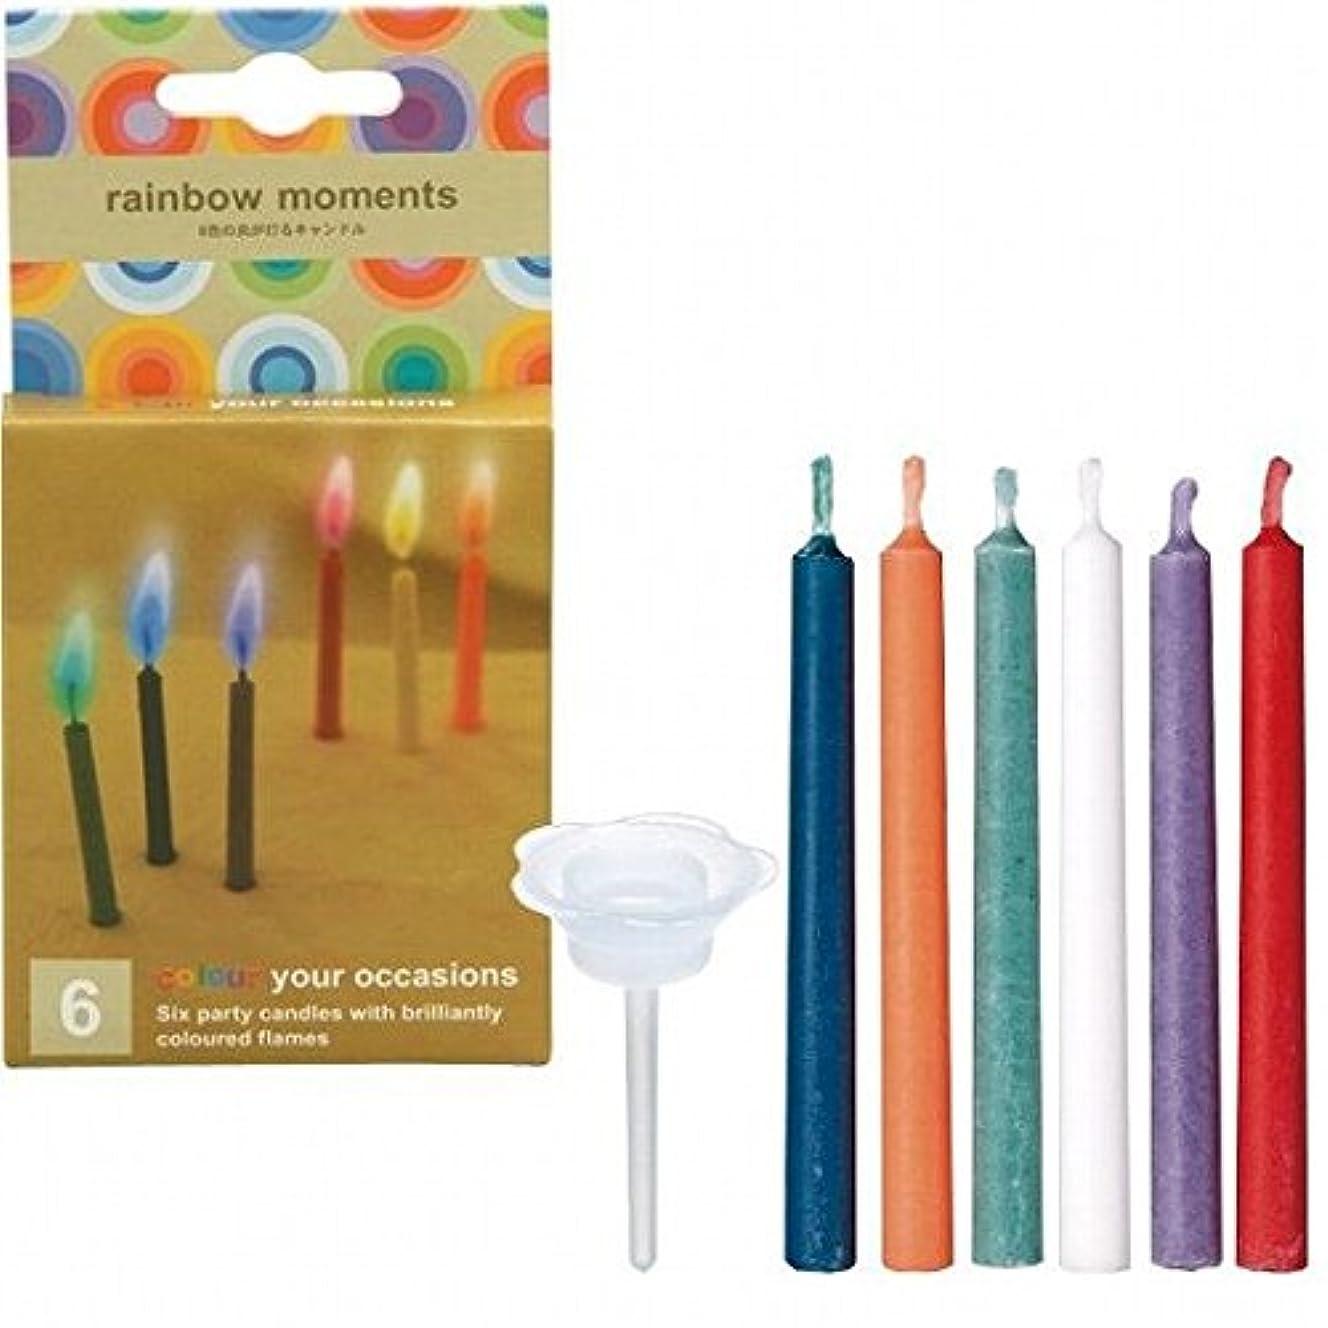 自明ほのめかす弾力性のあるkameyama candle(カメヤマキャンドル) rainbowmoments(レインボーモーメント)6色6本入り 「 6本入り 」 キャンドル(56050000)